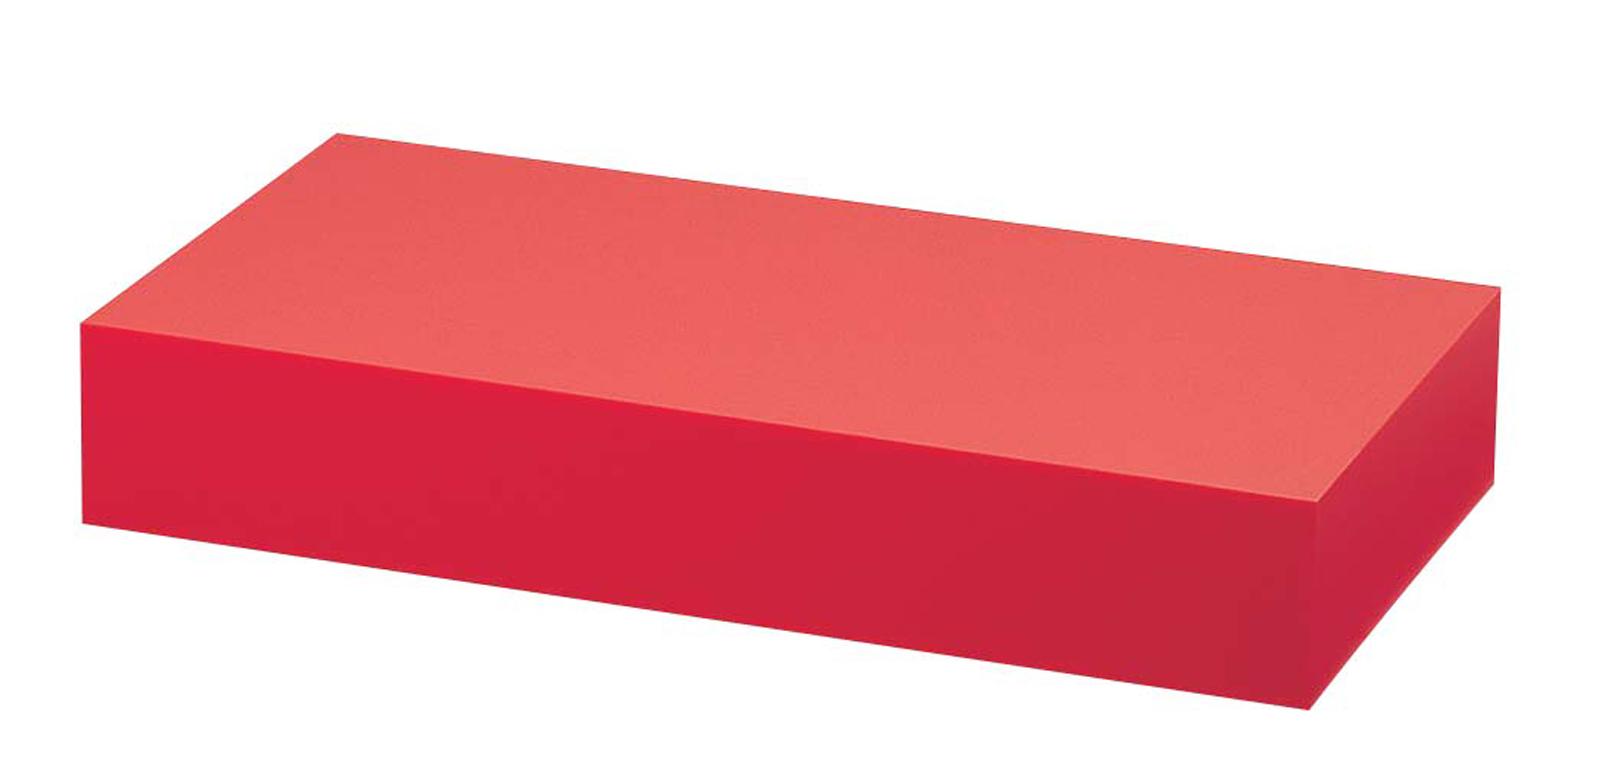 アクリル ディスプレイBOX 大 朱マット B30-5 【卓上用品 バンケットウェア 宴会備品 皿 飾台 卓上器物 業務用 販売 通販】 [7-1594-1001 6-1530-1001 ]